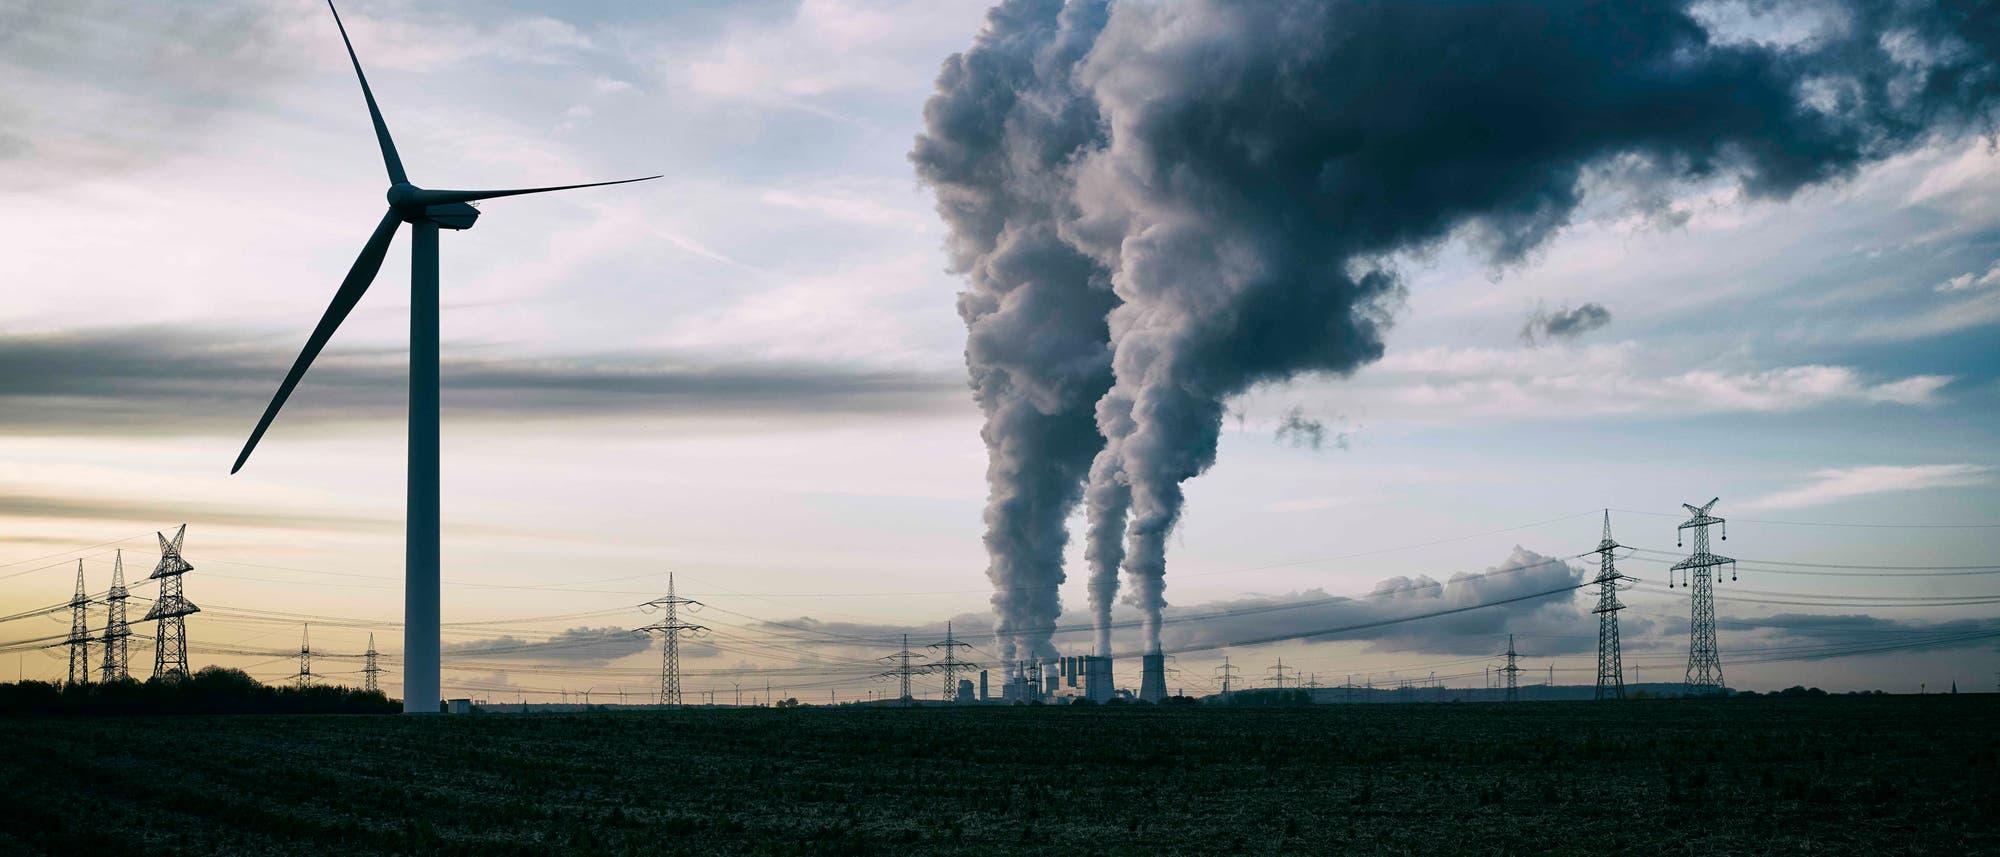 Windmühle neben rauchendem Kohlekraftwerk